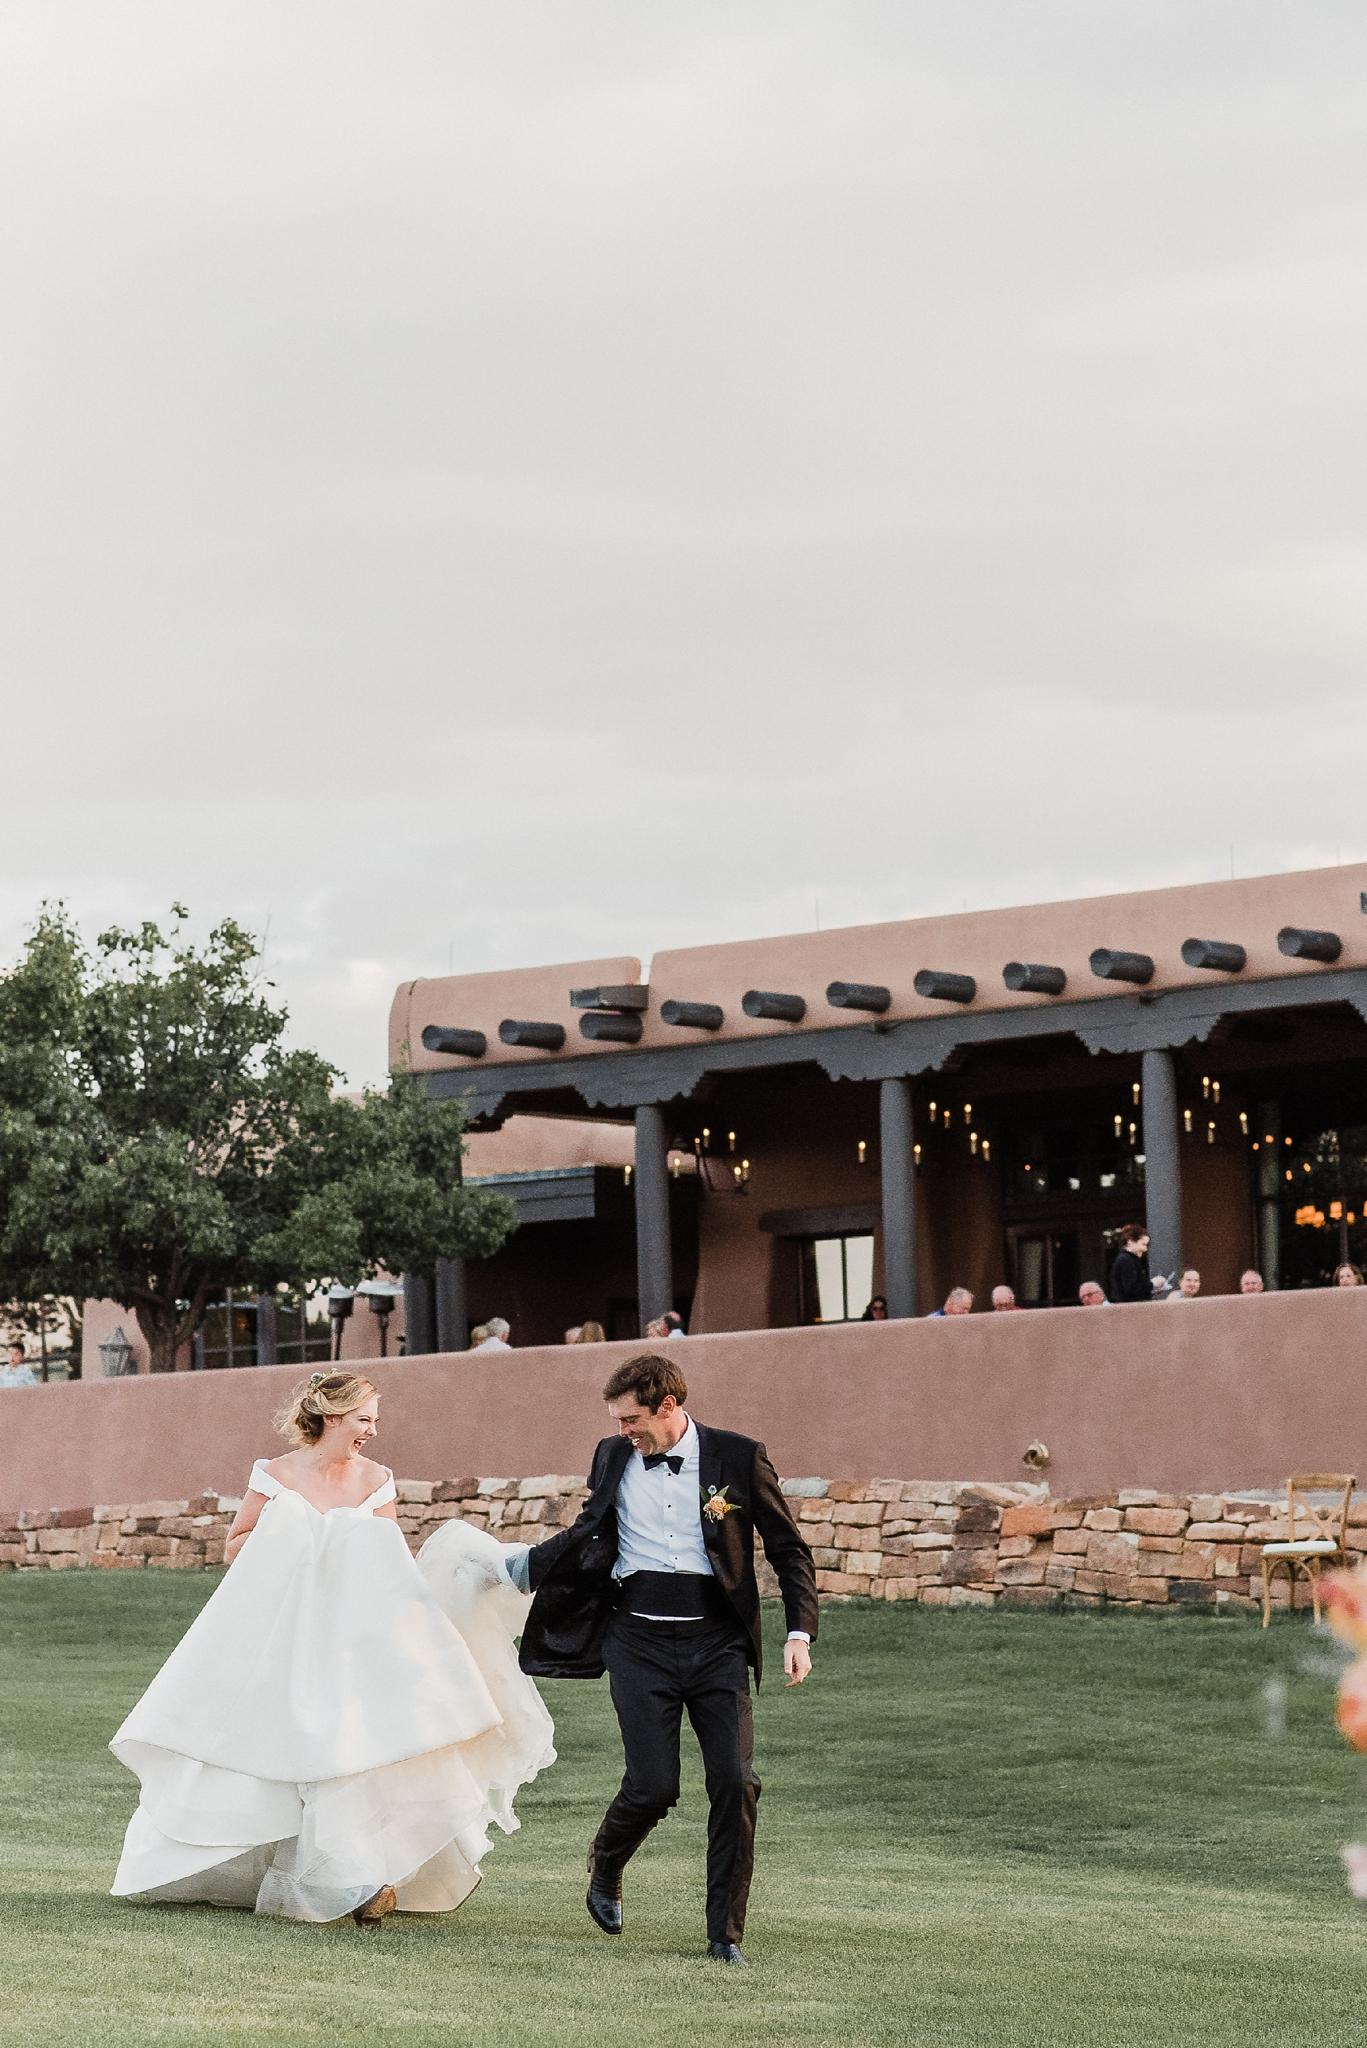 Alicia+lucia+photography+-+albuquerque+wedding+photographer+-+santa+fe+wedding+photography+-+new+mexico+wedding+photographer+-+new+mexico+wedding+-+las+campanas+wedding+-+santa+fe+wedding+-+maximalist+wedding+-+destination+wedding_0096.jpg